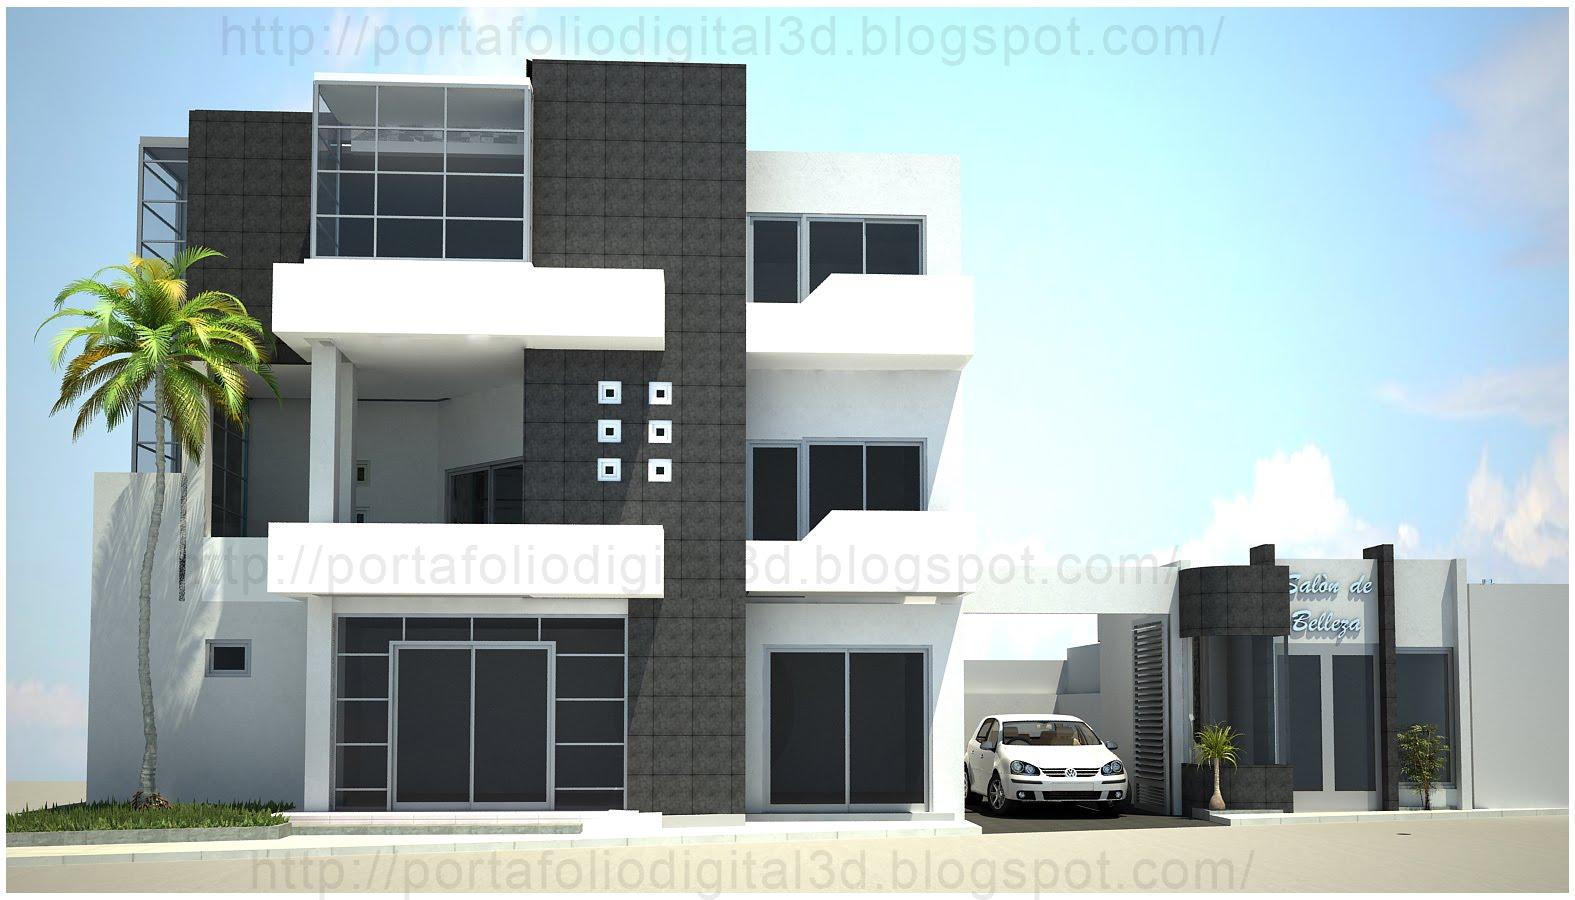 Proyectos arquitectonicos y dise o 3 d 11 18 09 for Proyectos minimalistas